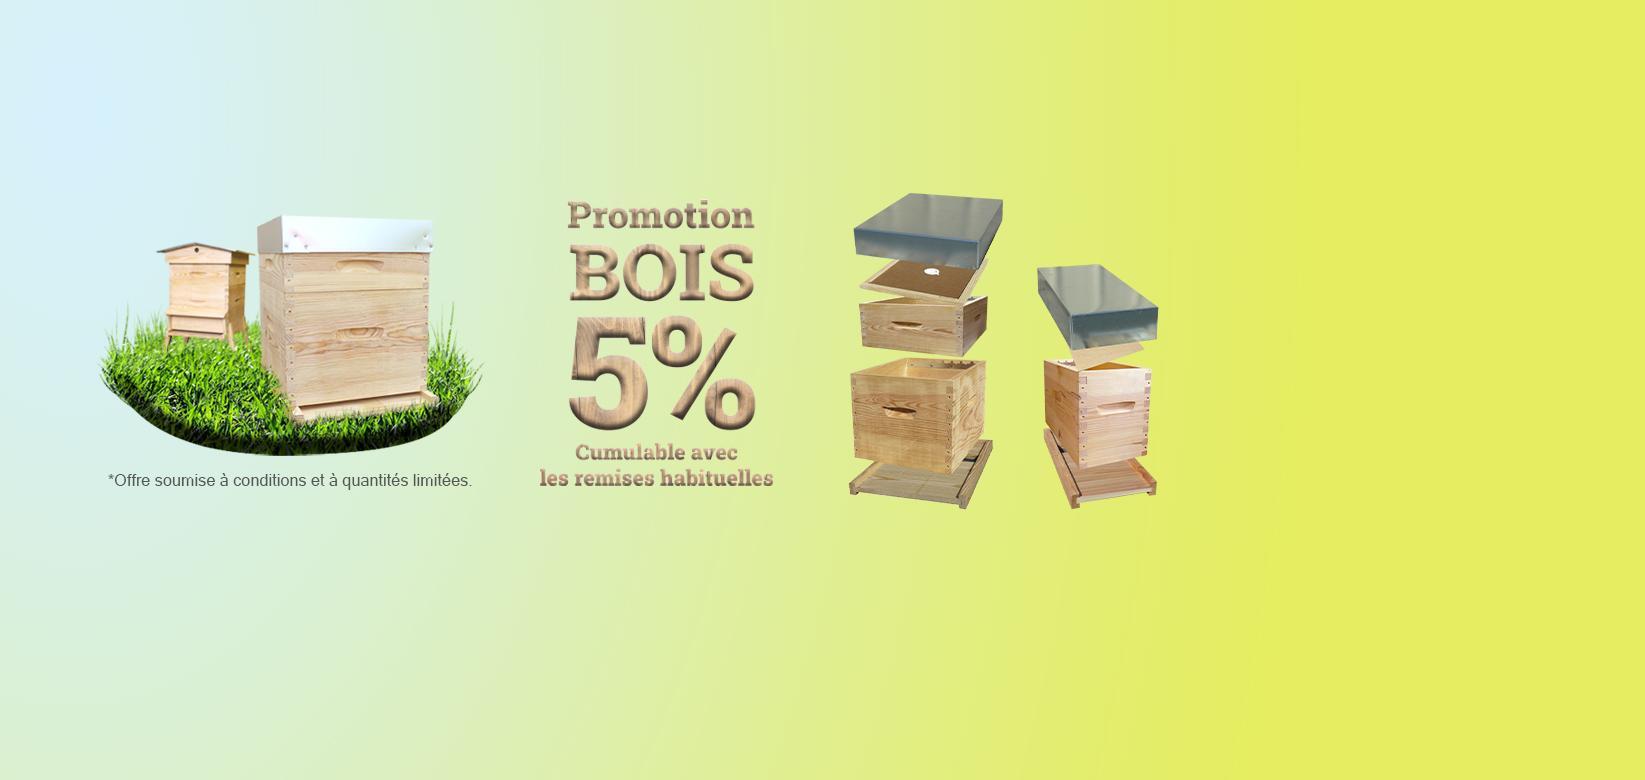 Promotion bois 2020